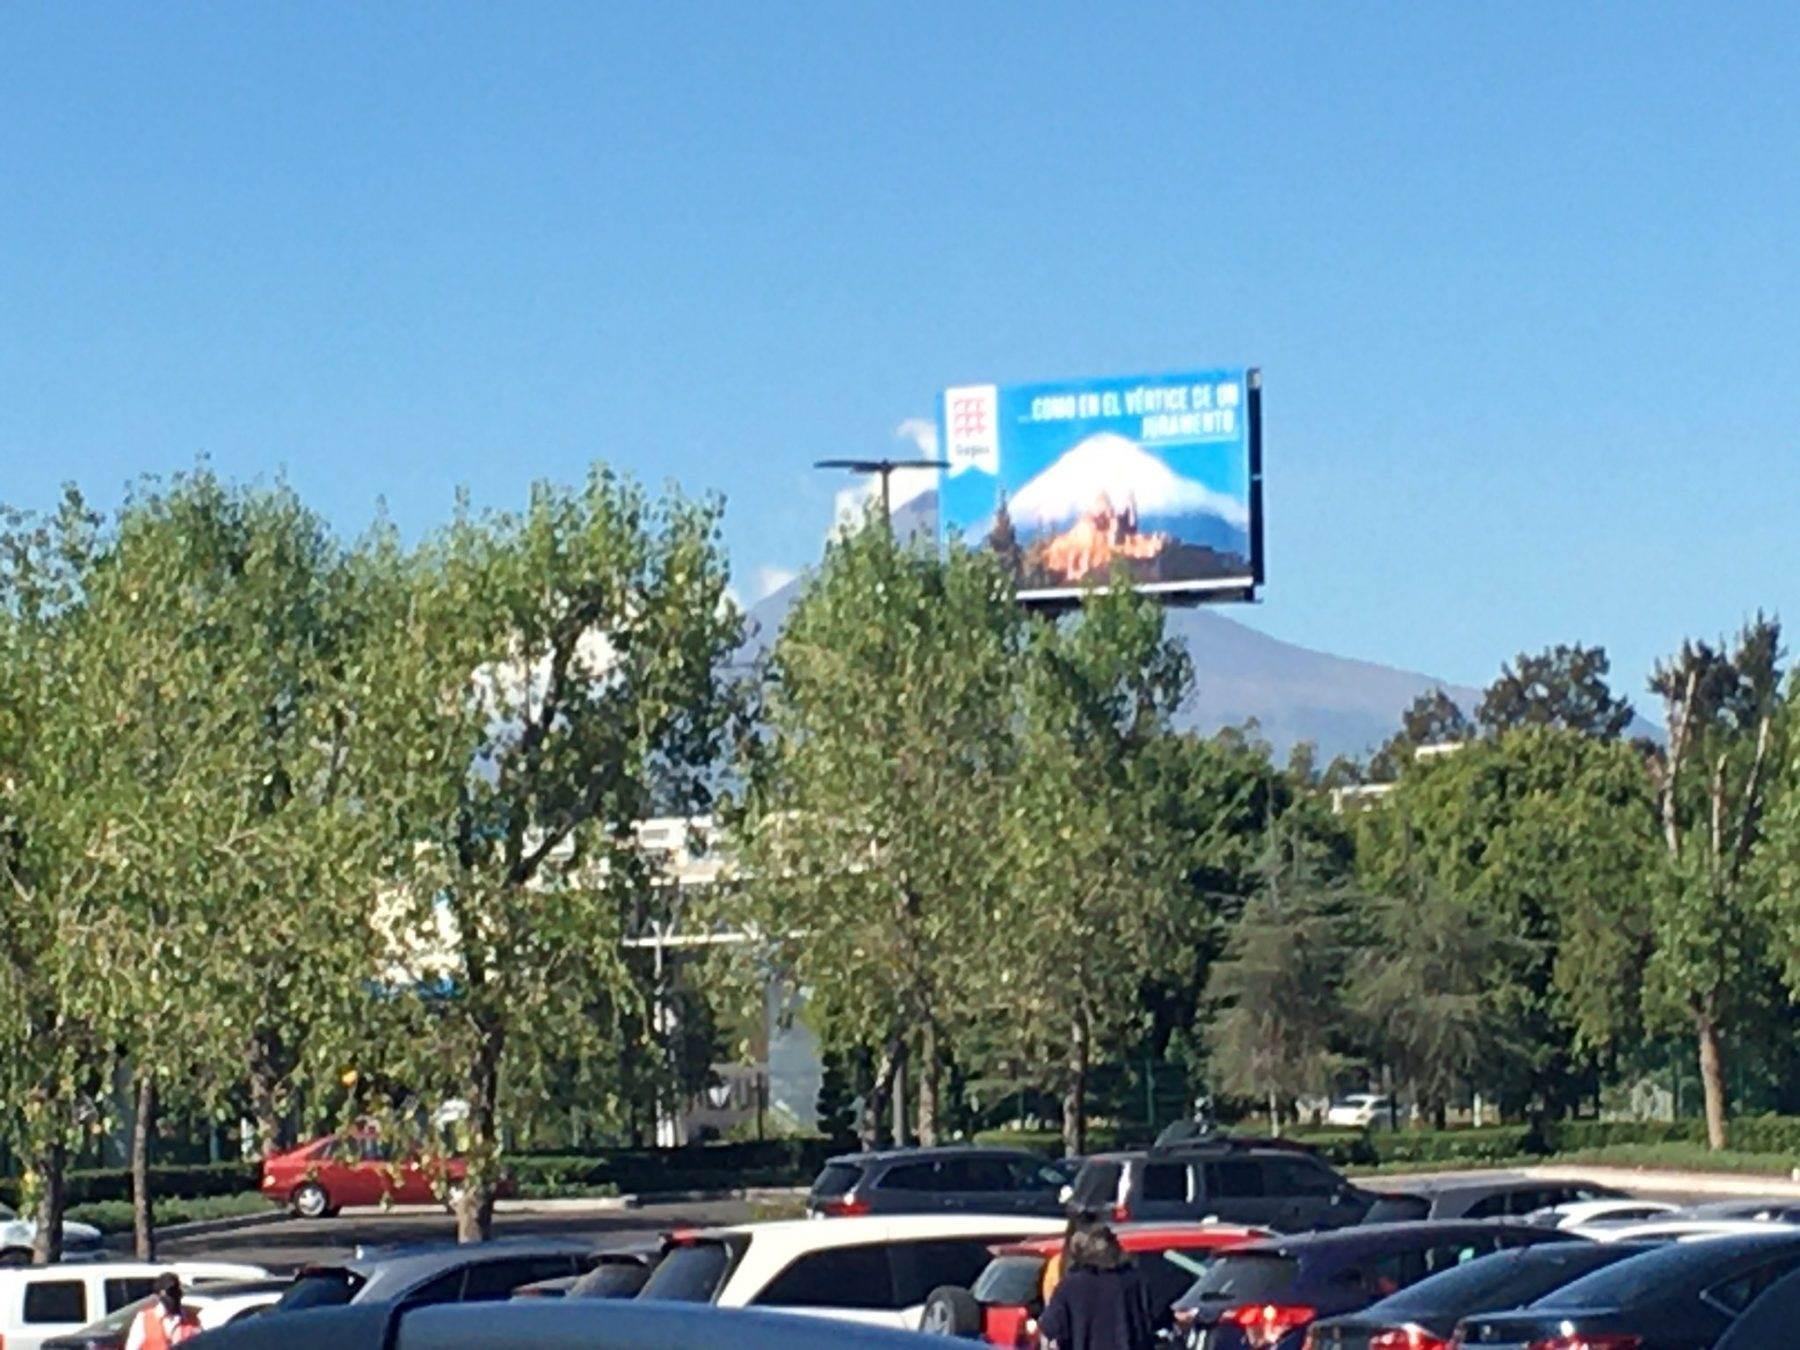 Fotografía de un espectacular en Puebla en el que se observa el volcán siendo tapado.